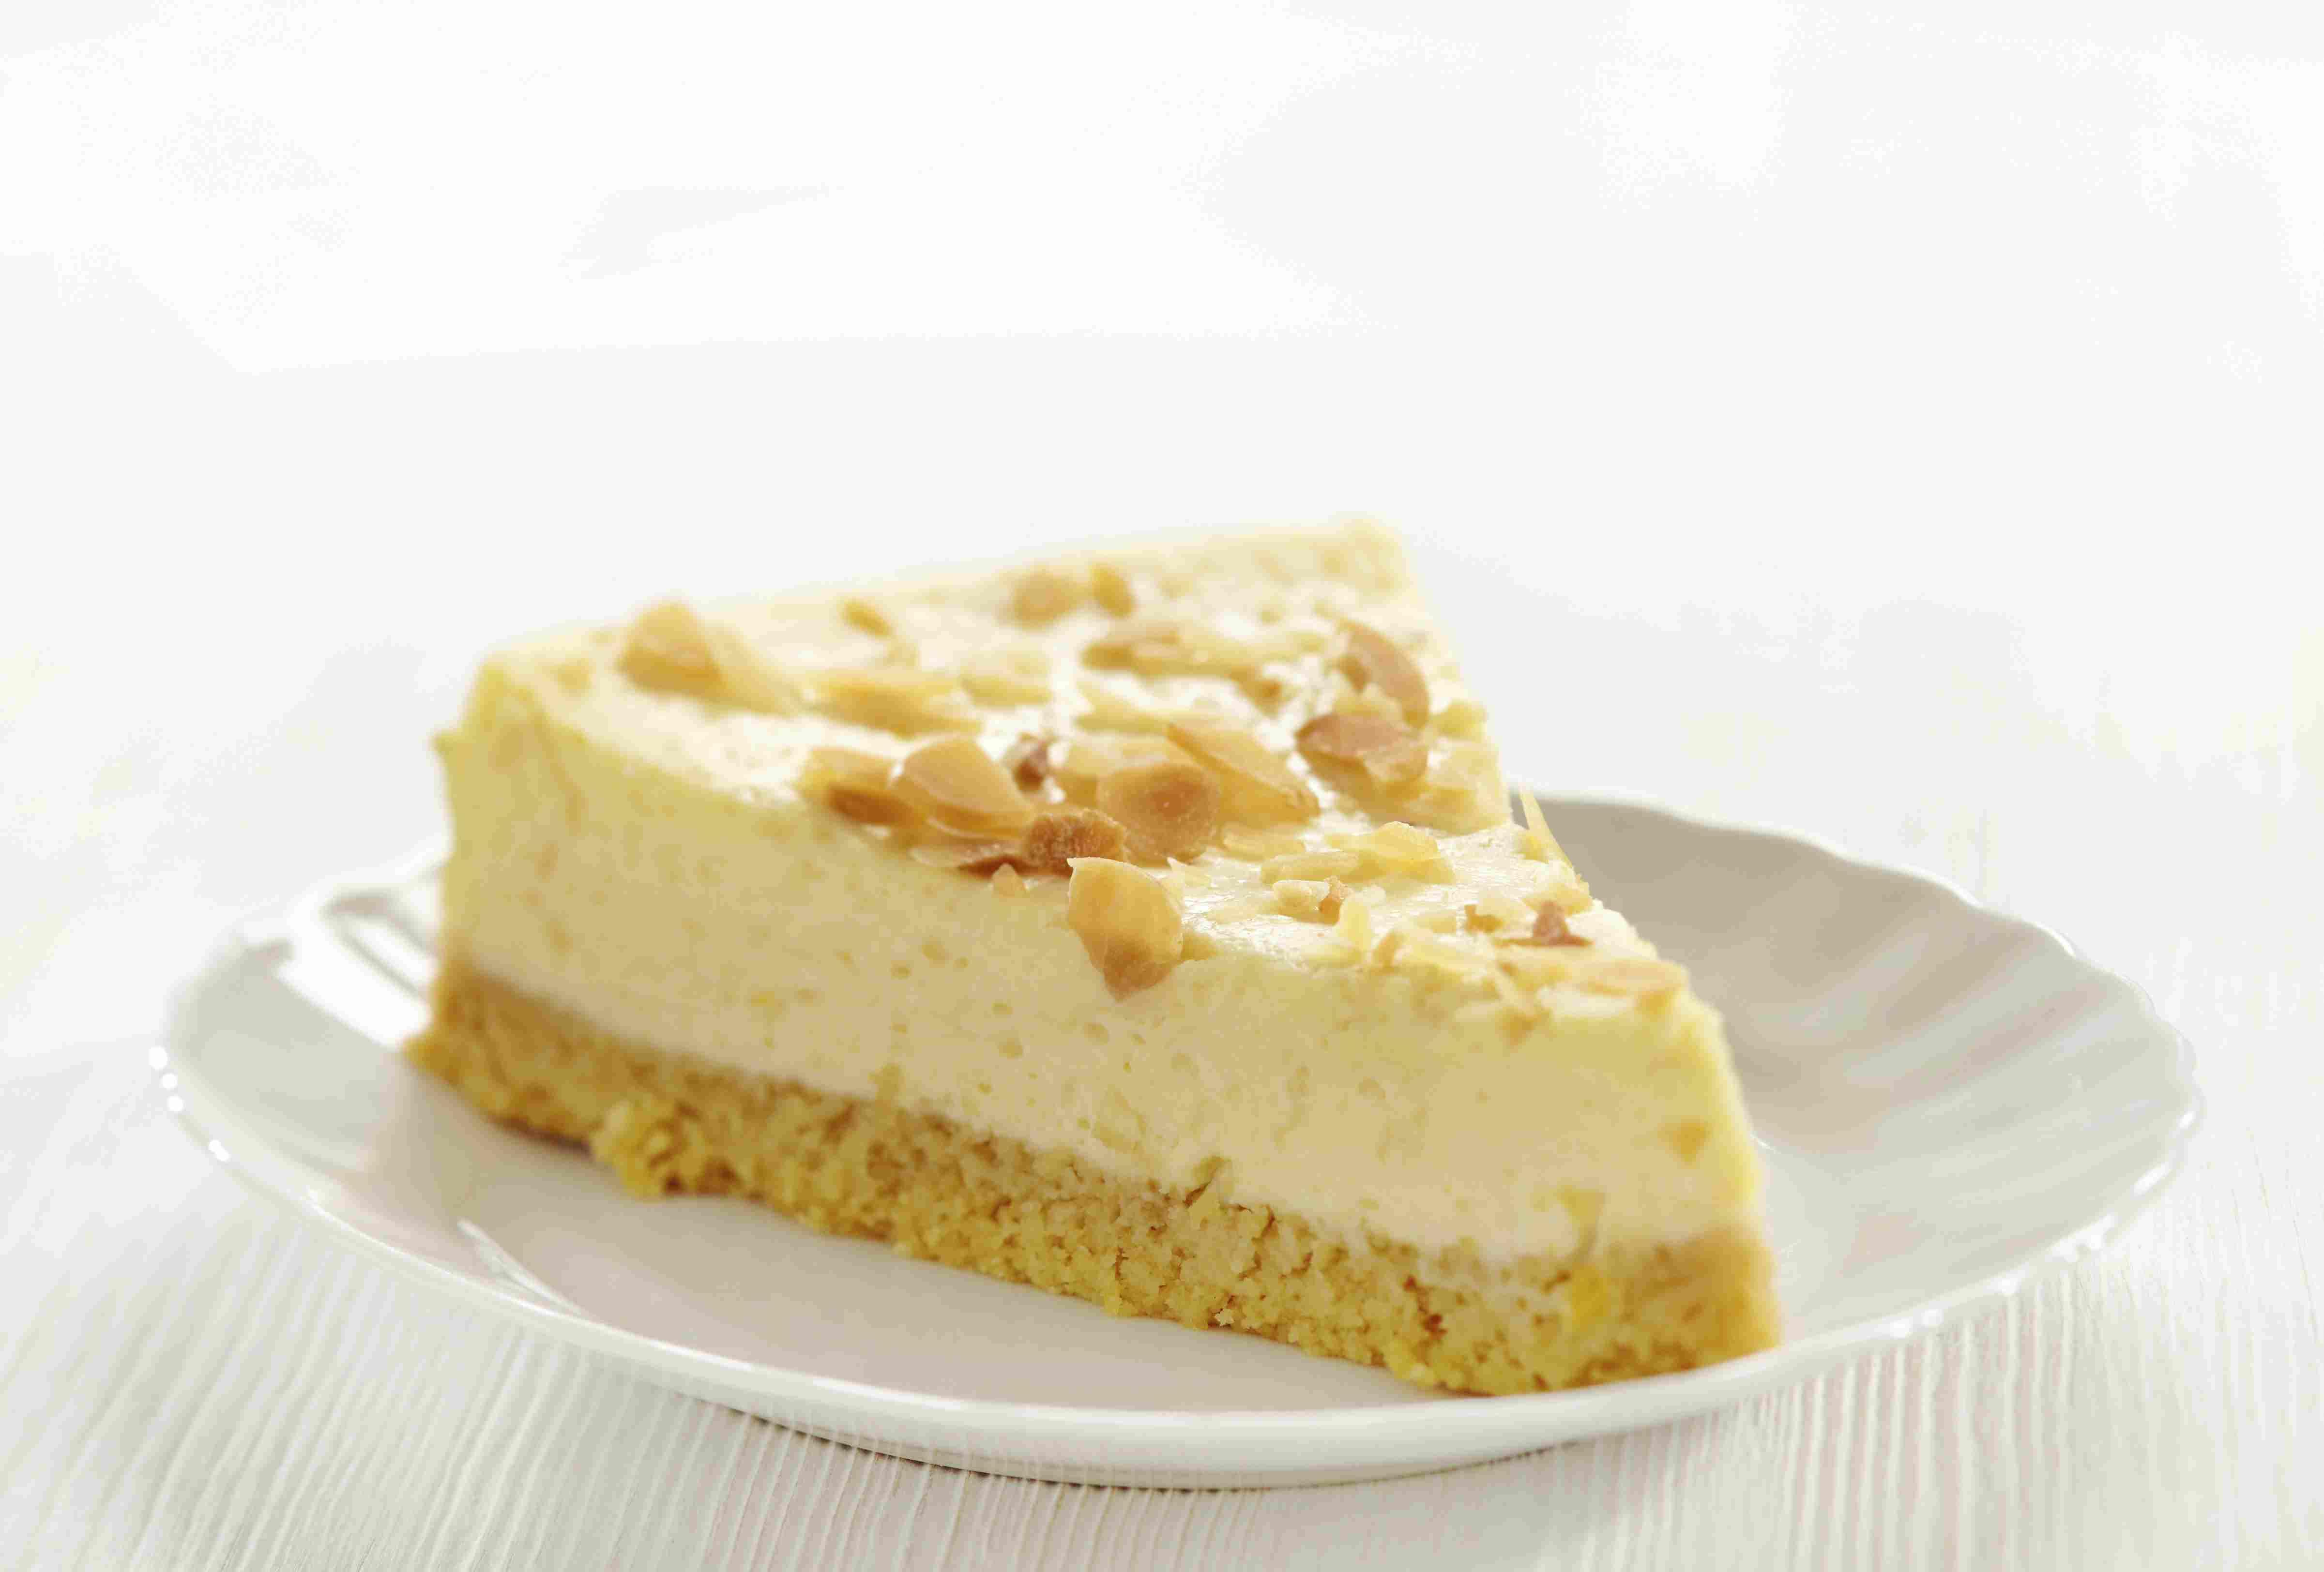 foto da receita Cheesecake com mel e castanha-do-pará